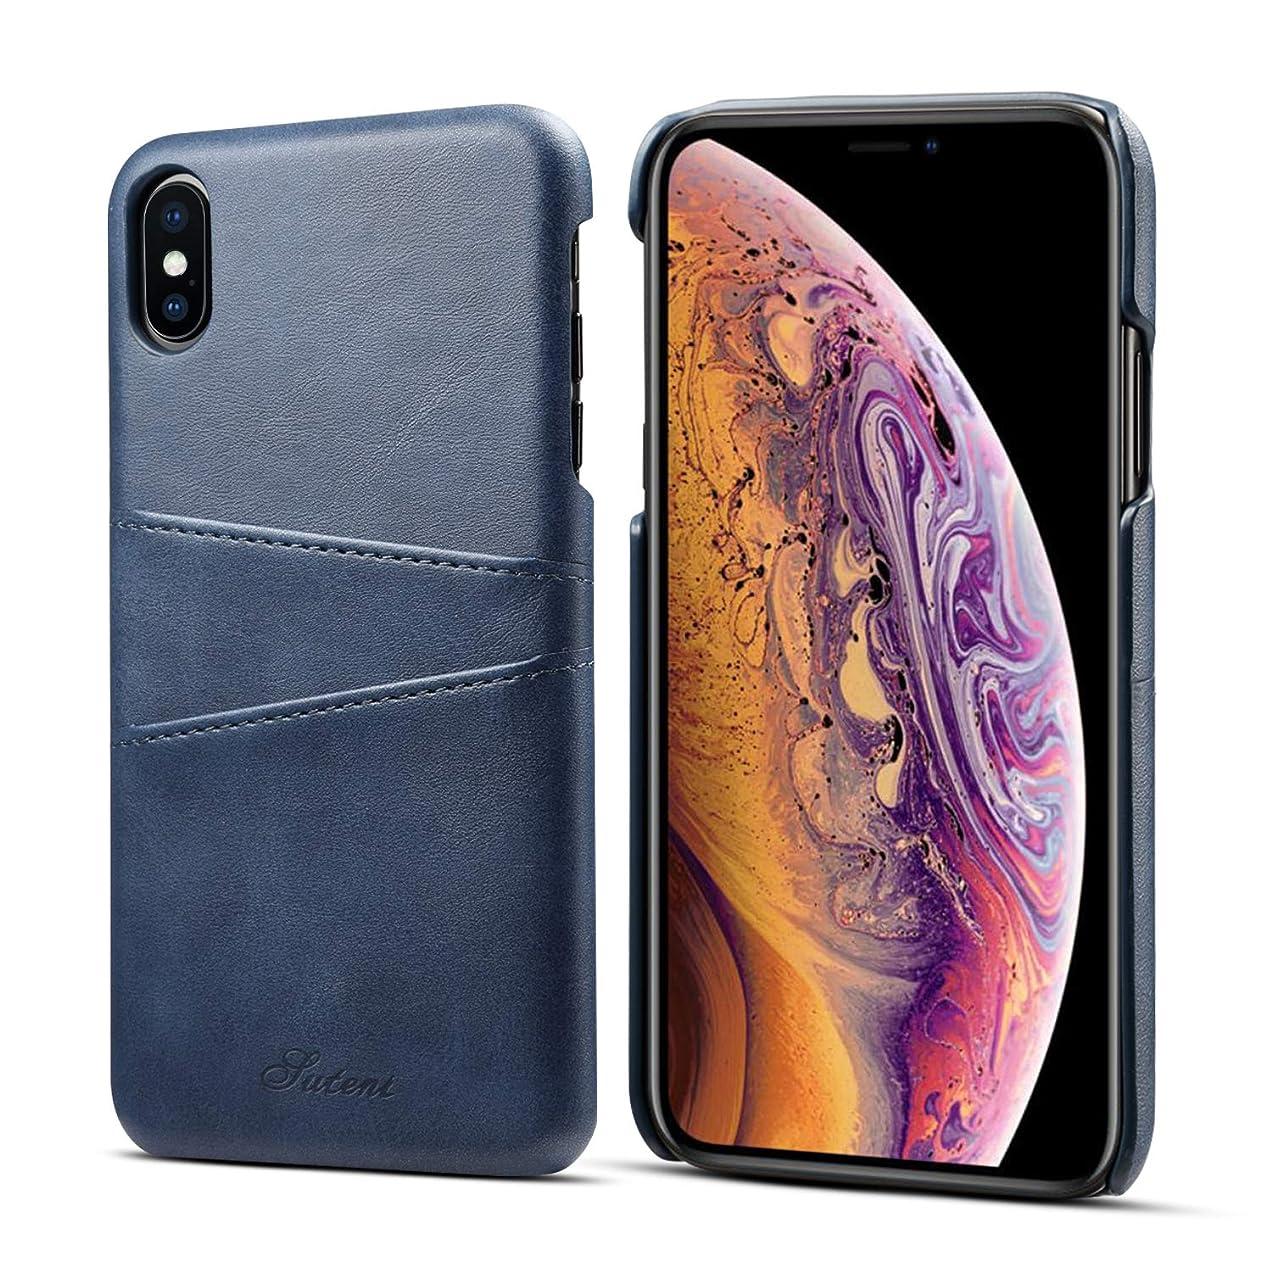 理論的ワイヤー香港iPhone XS Maxのための財布ケース、カード/ IDホルダースロット付きtaStoneプレミアムPUレザー電話ケースカバー6.5インチiPhone XS Maxのための軽量クラシックスタイルスリム保護スクリーンケース、ライトブラウン